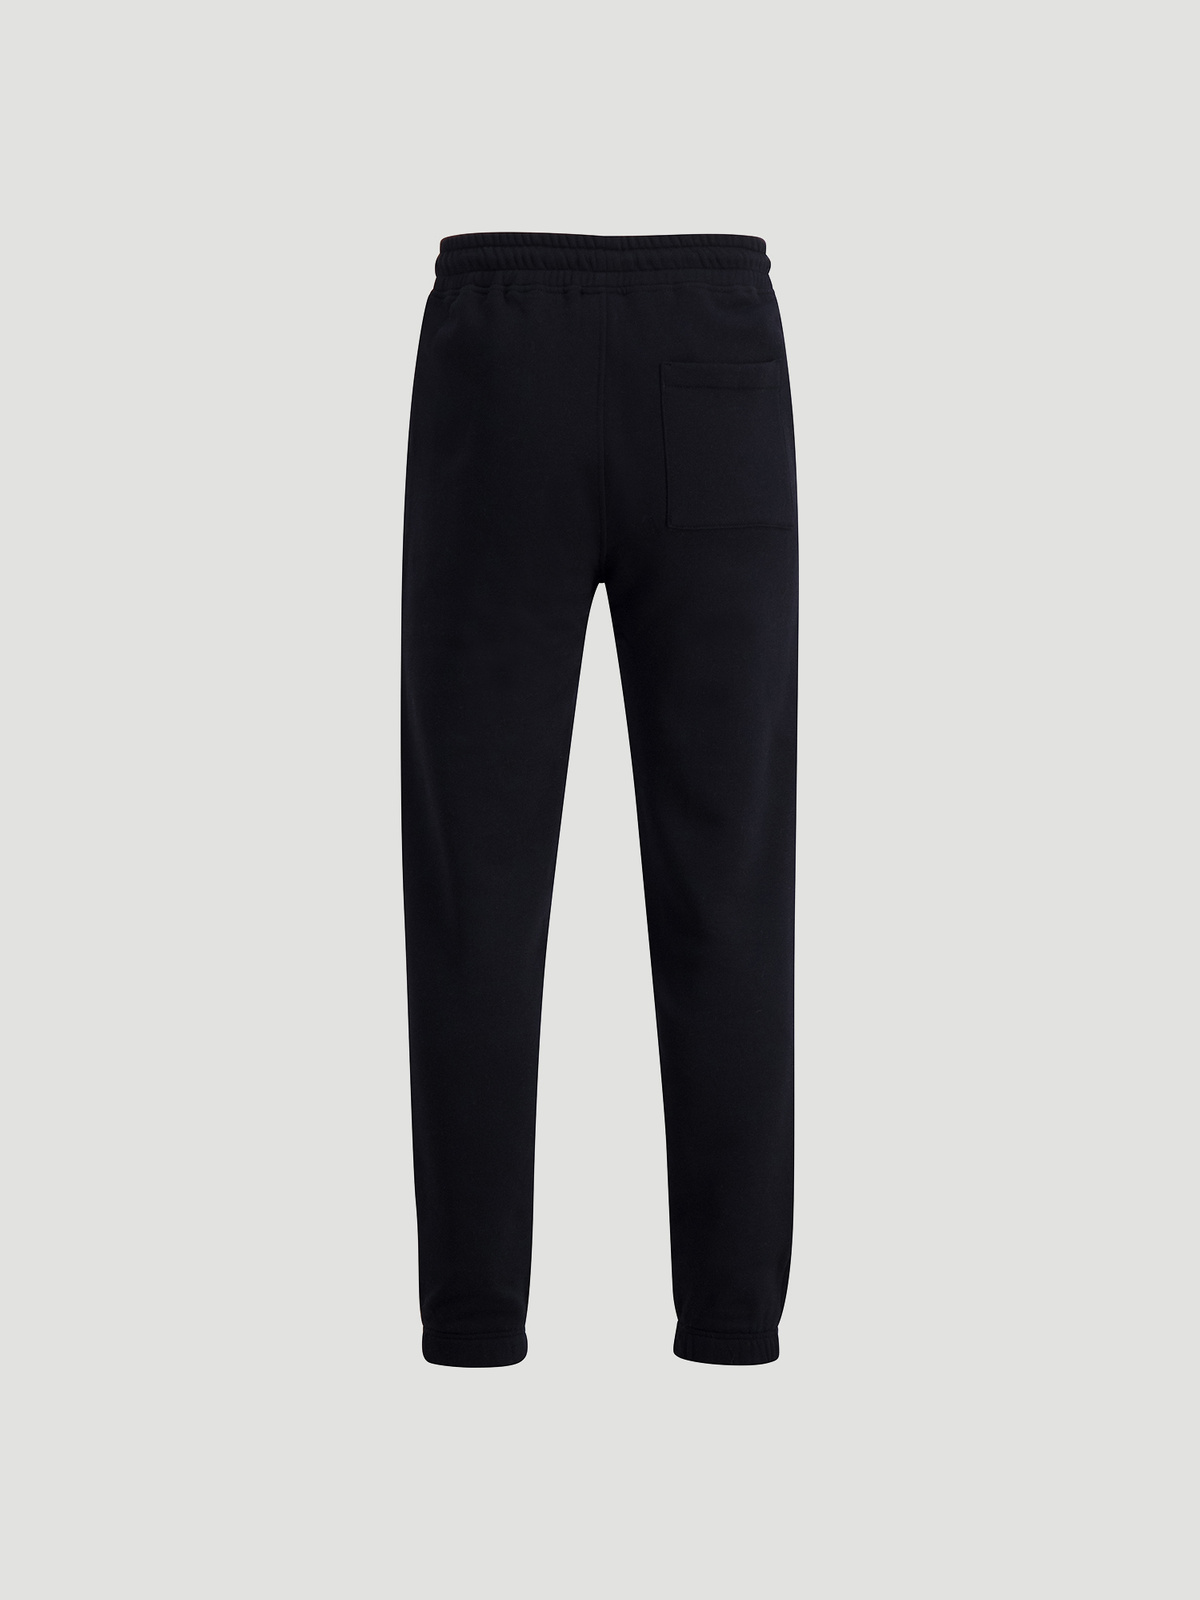 Hanger Trousers Black 2